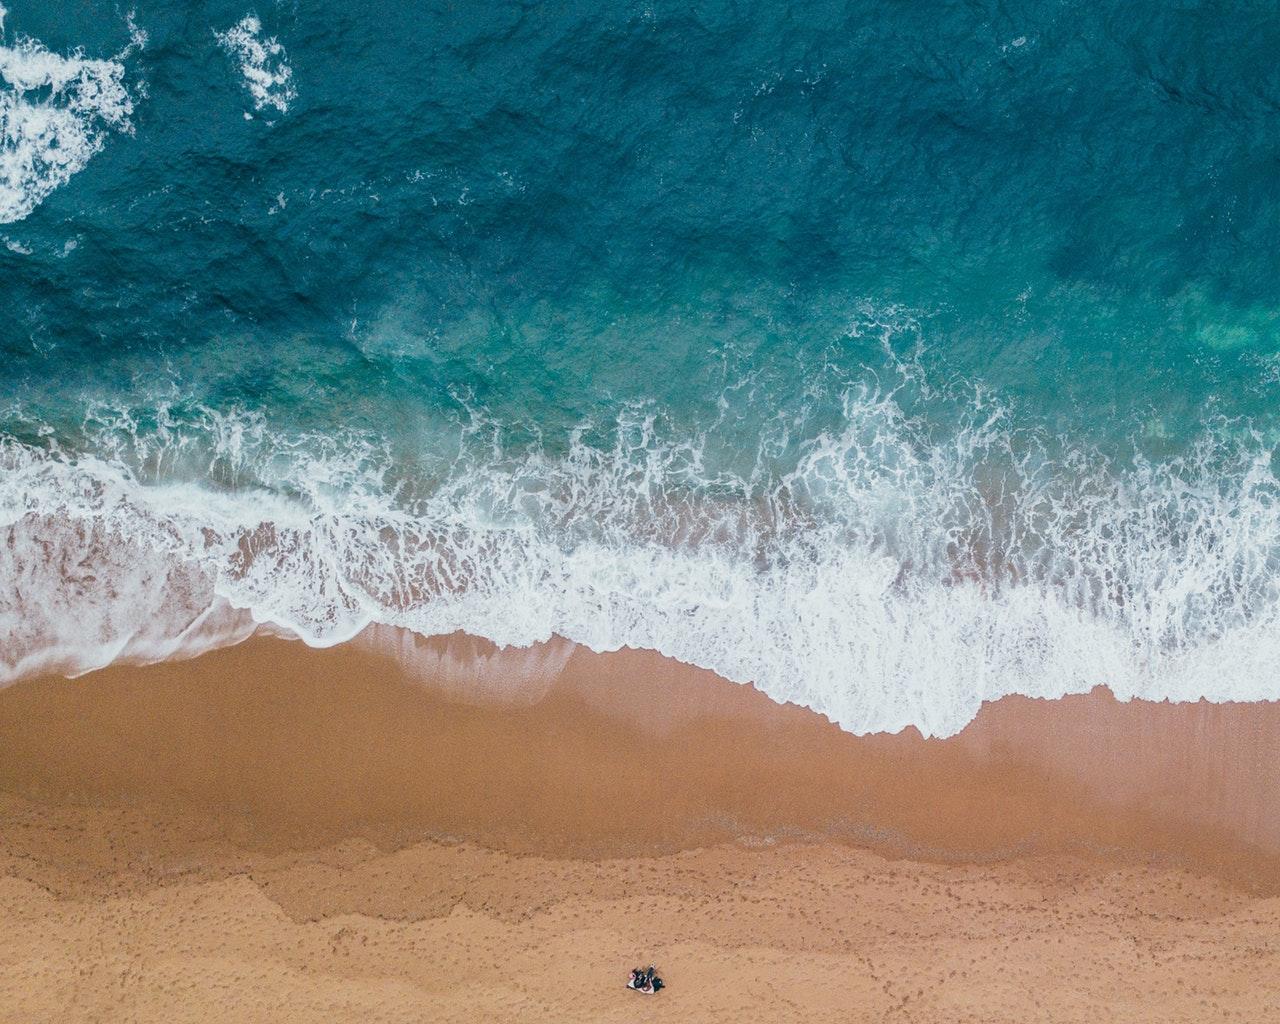 فوائد مياه البحر للبشرة